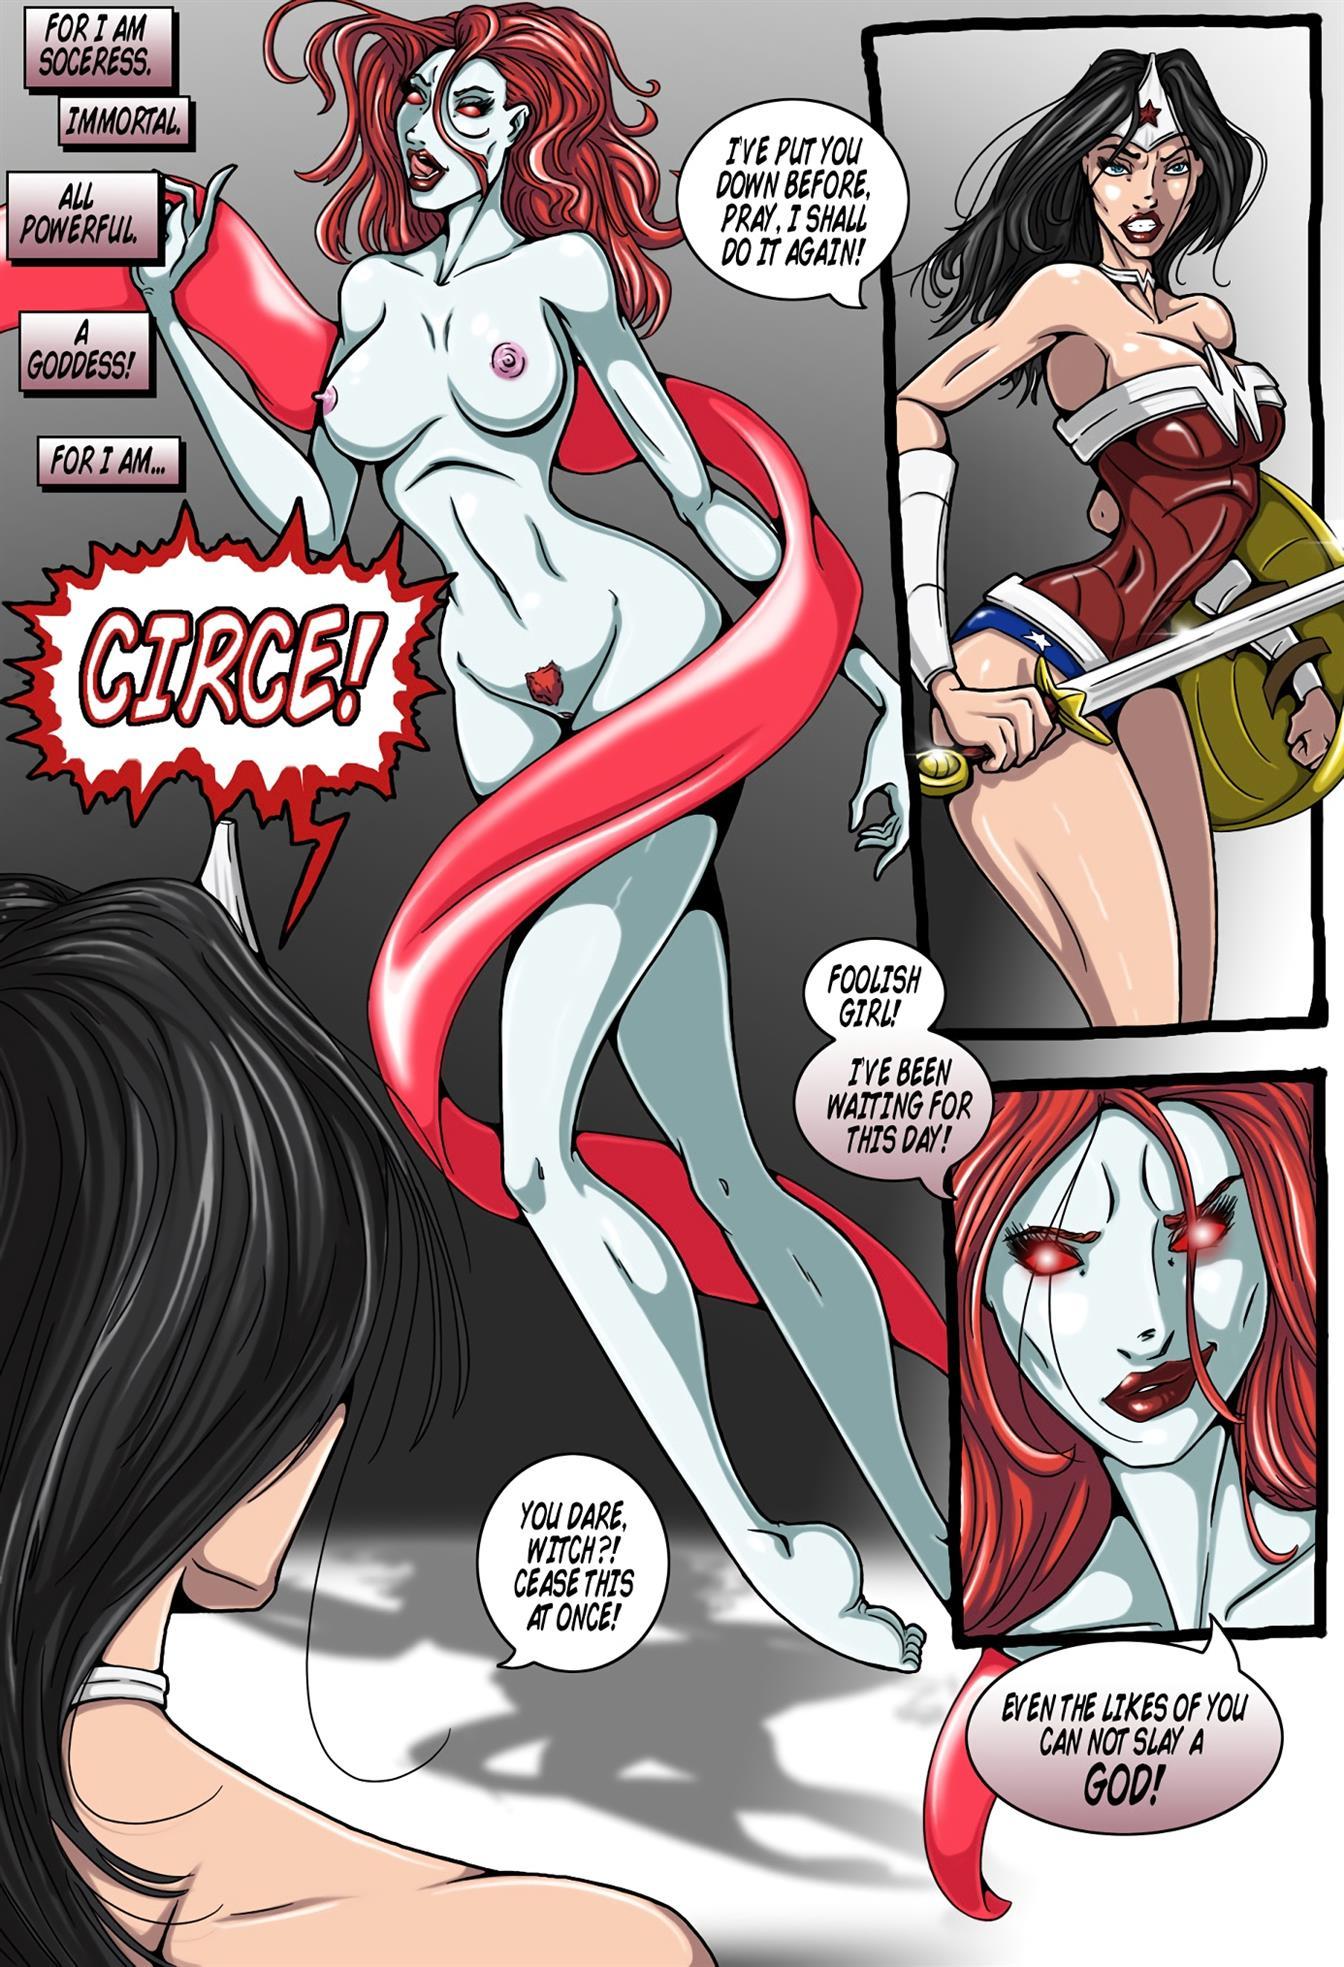 True Injustice (Supergirl) - Foto 15